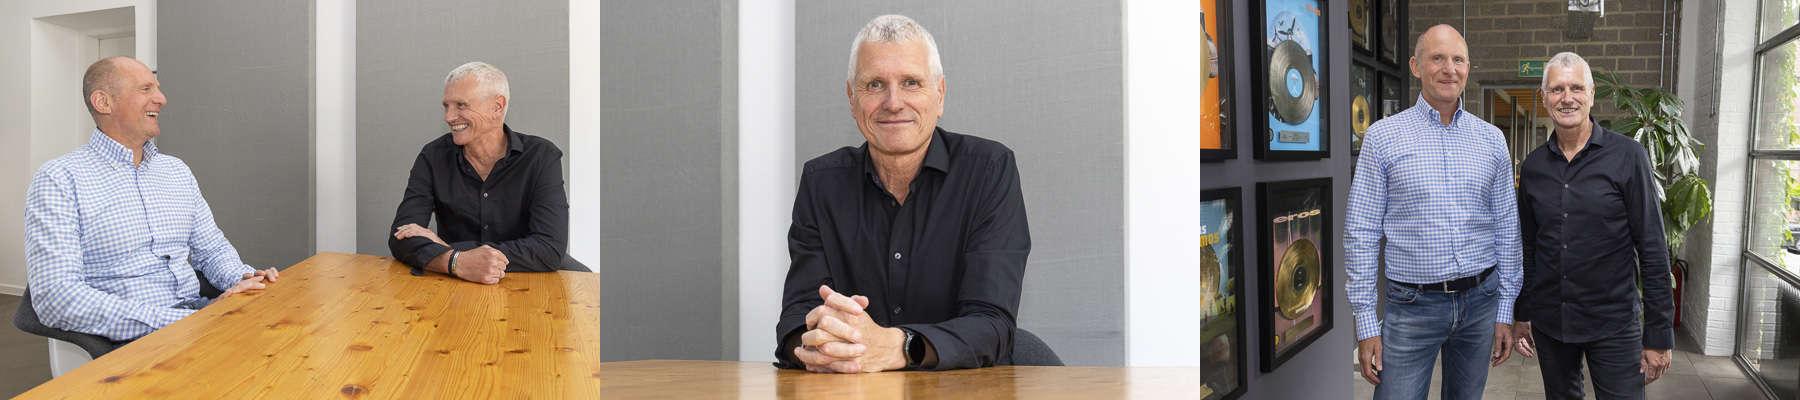 Franz-Josef Schumeckers im Lernen-Podcast mit Prof. Dr. Dieter Müller